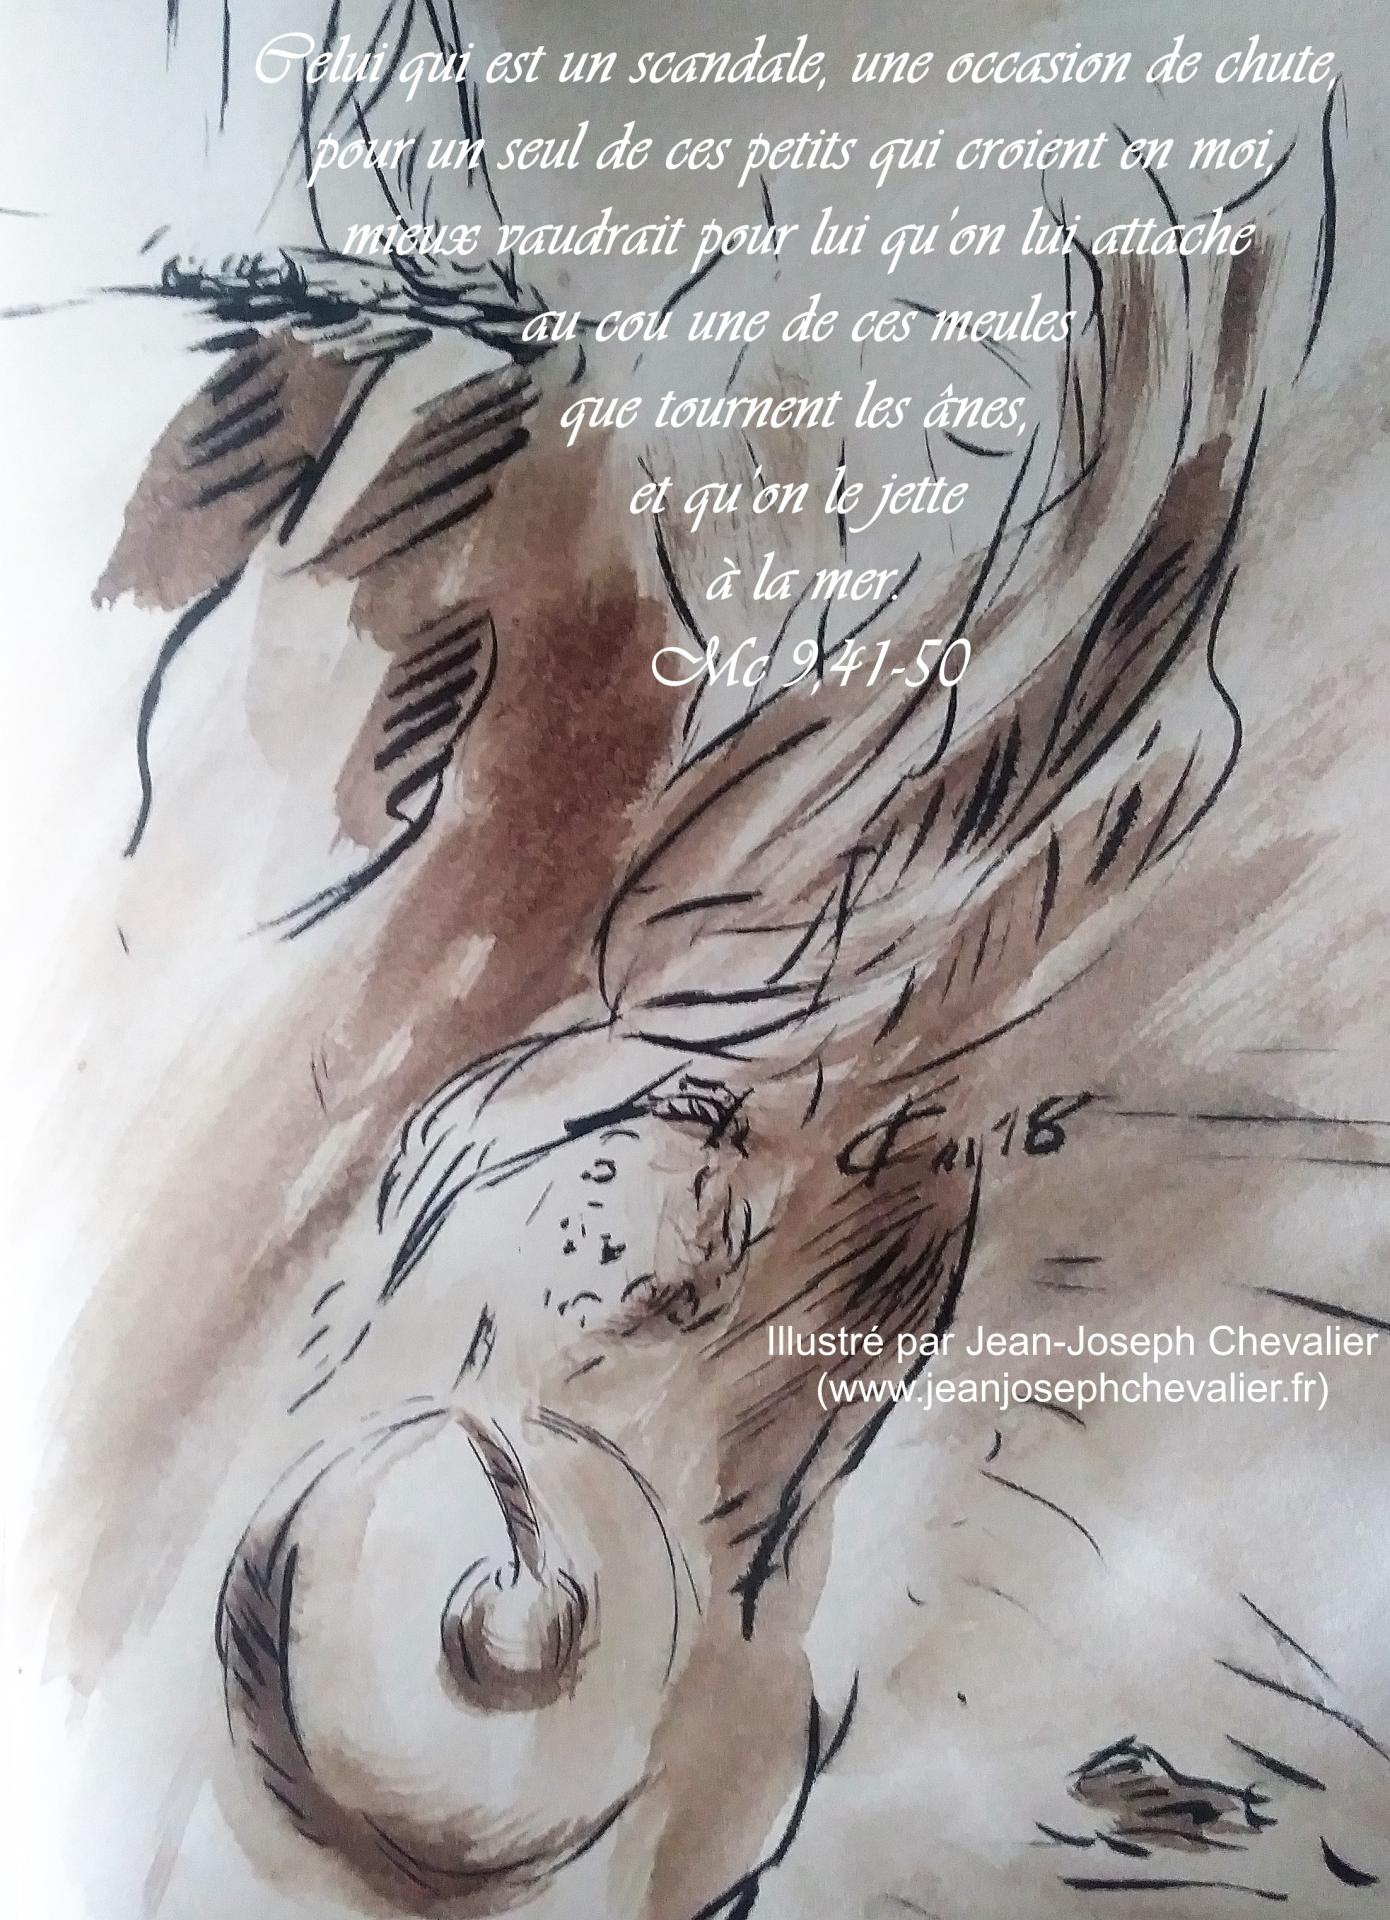 24 mai 2018 evangile du jour illustre par un dessin au lavis de jean joseph chevalier image